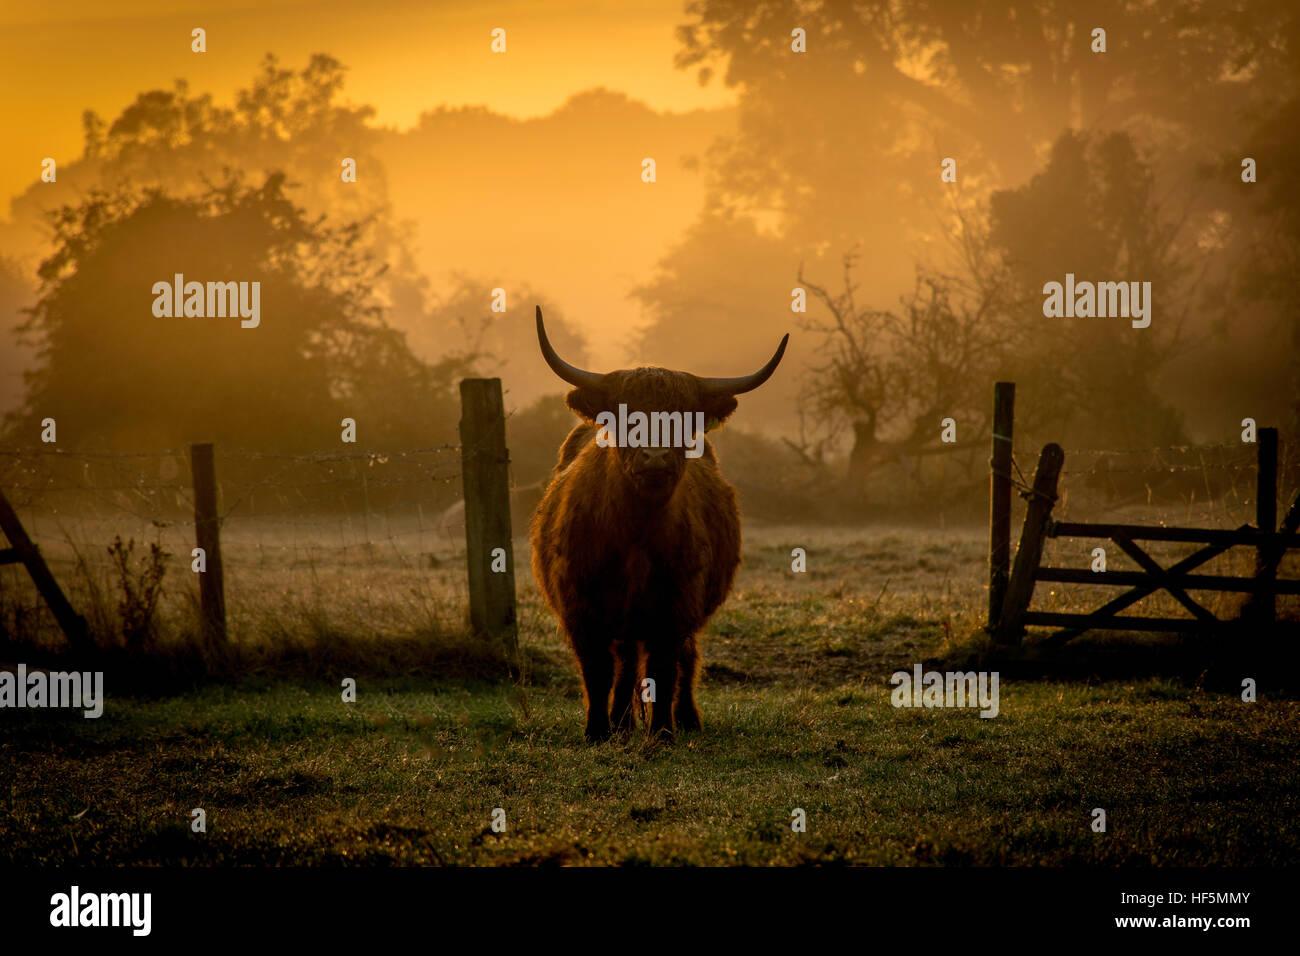 Un altopiano di vacca a ALBA Immagini Stock